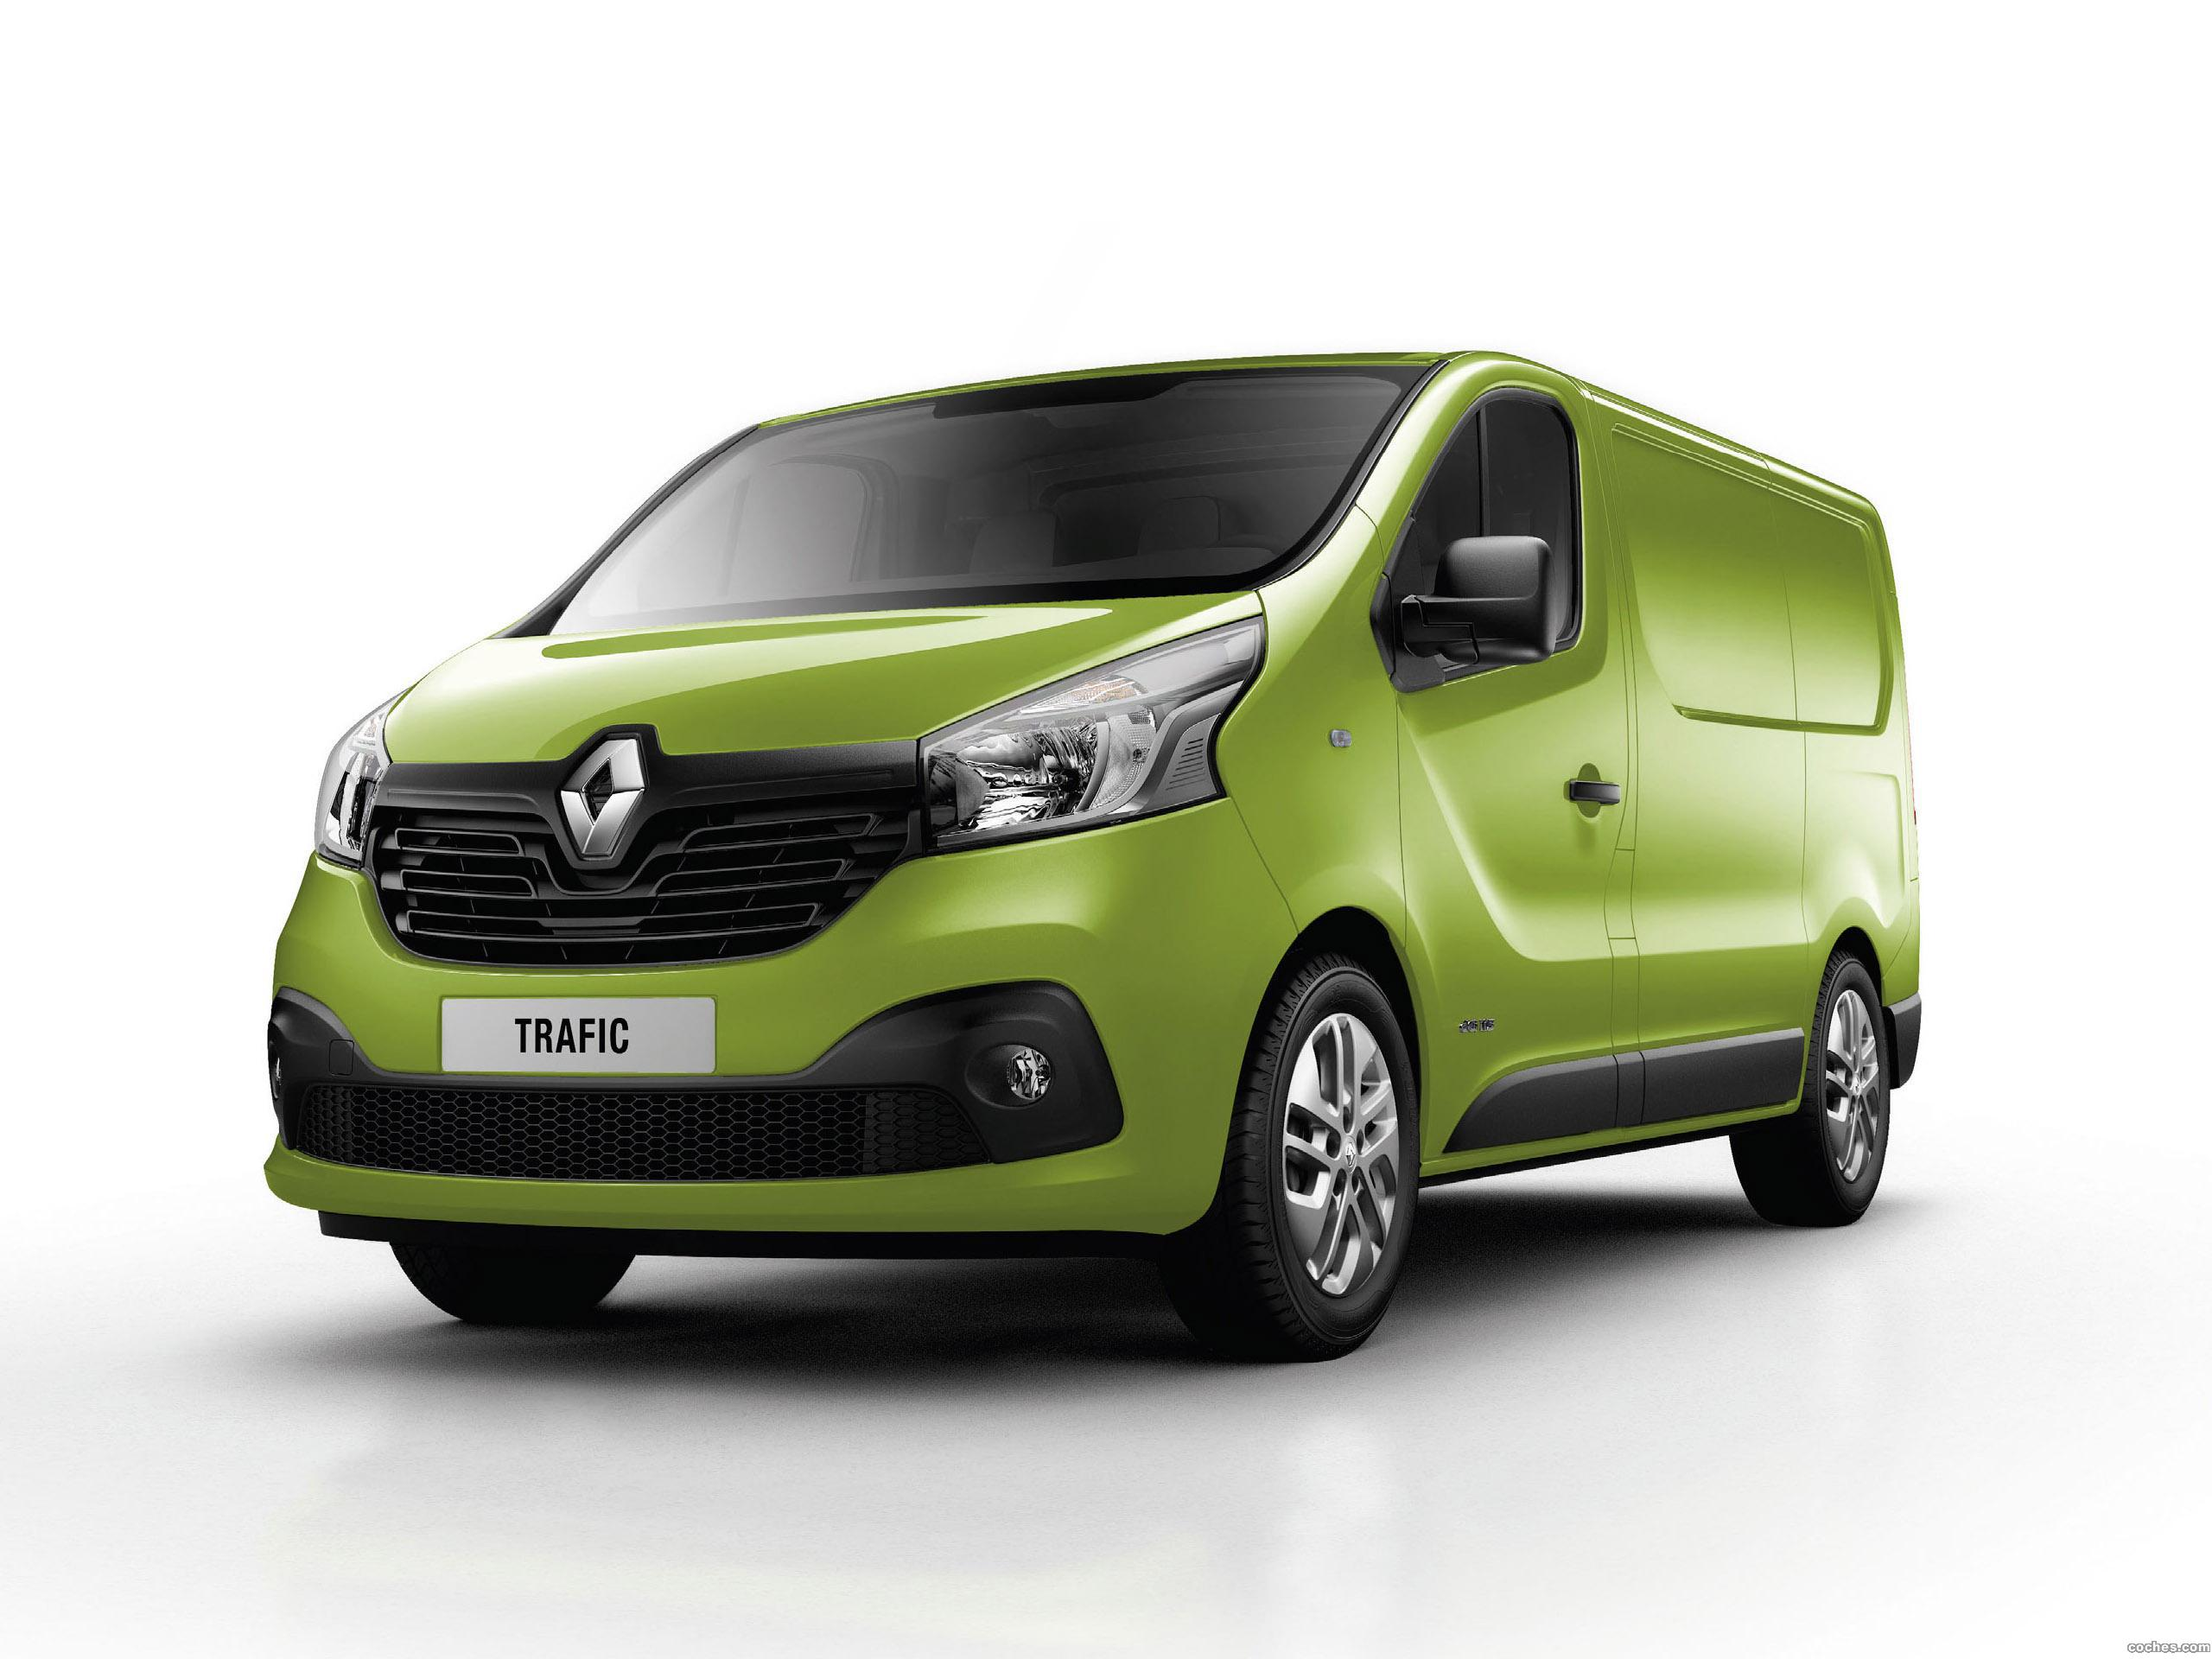 Foto 0 de Renault Trafic Furgón 2014